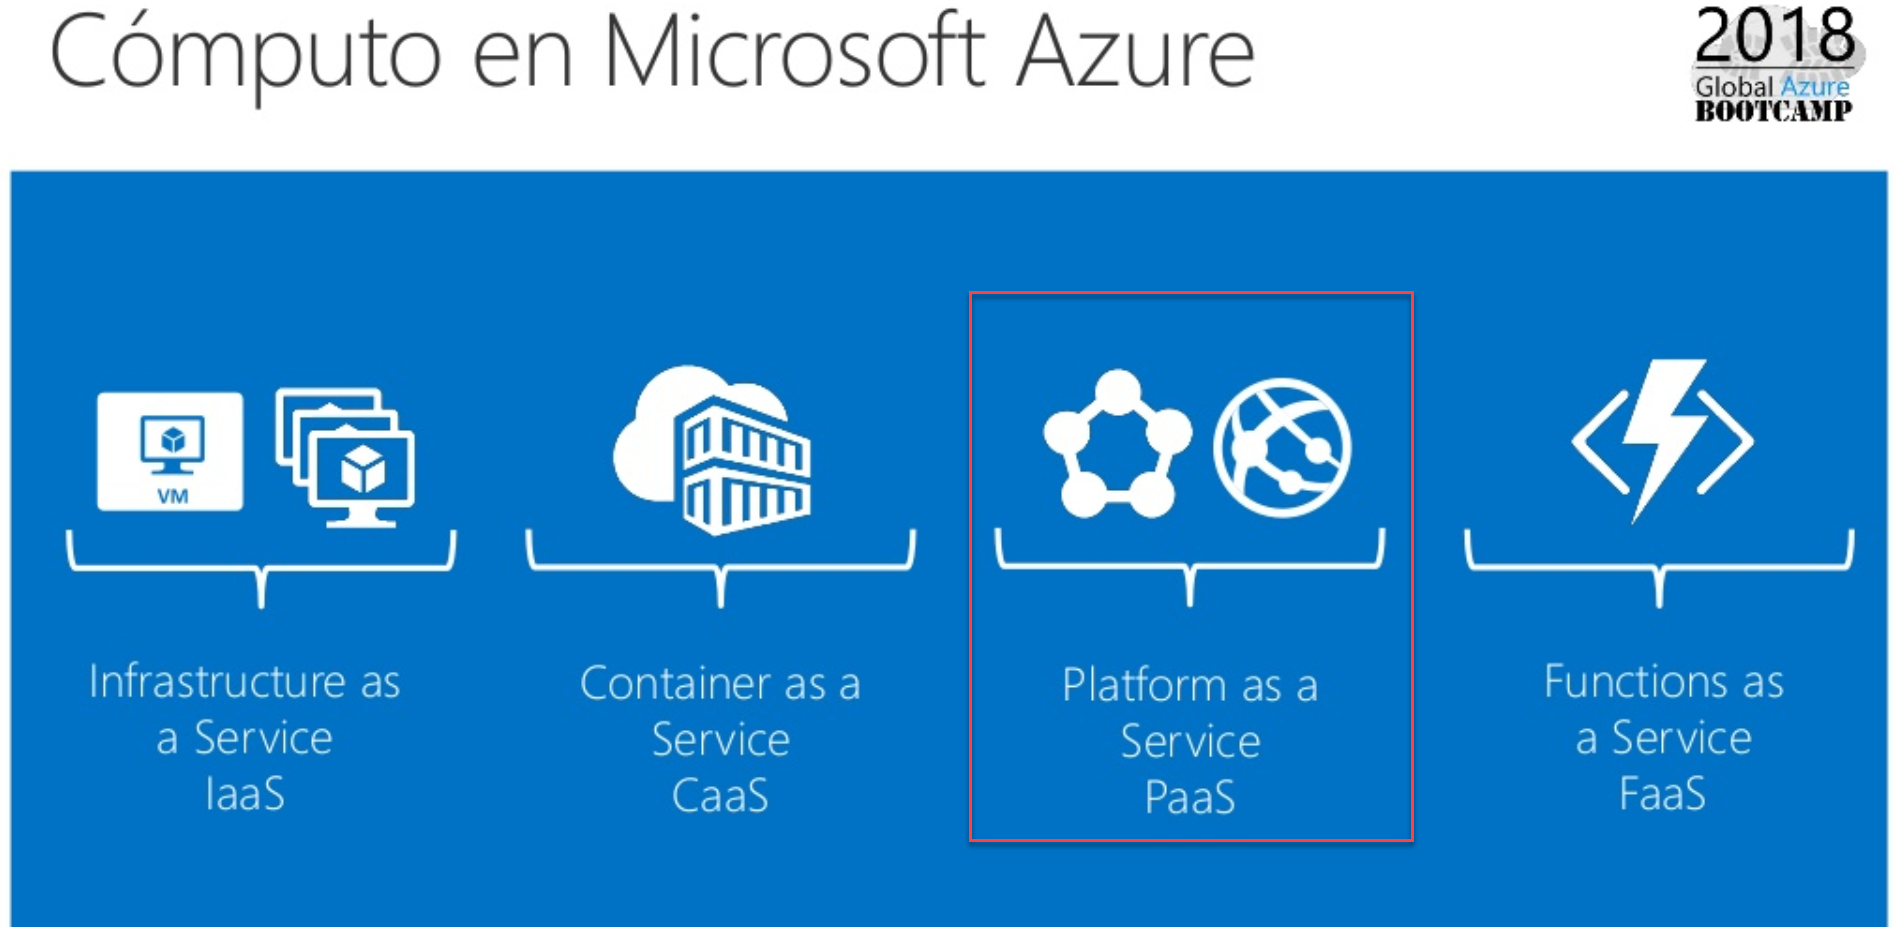 Azure Paa Services | Solución de Plataforma